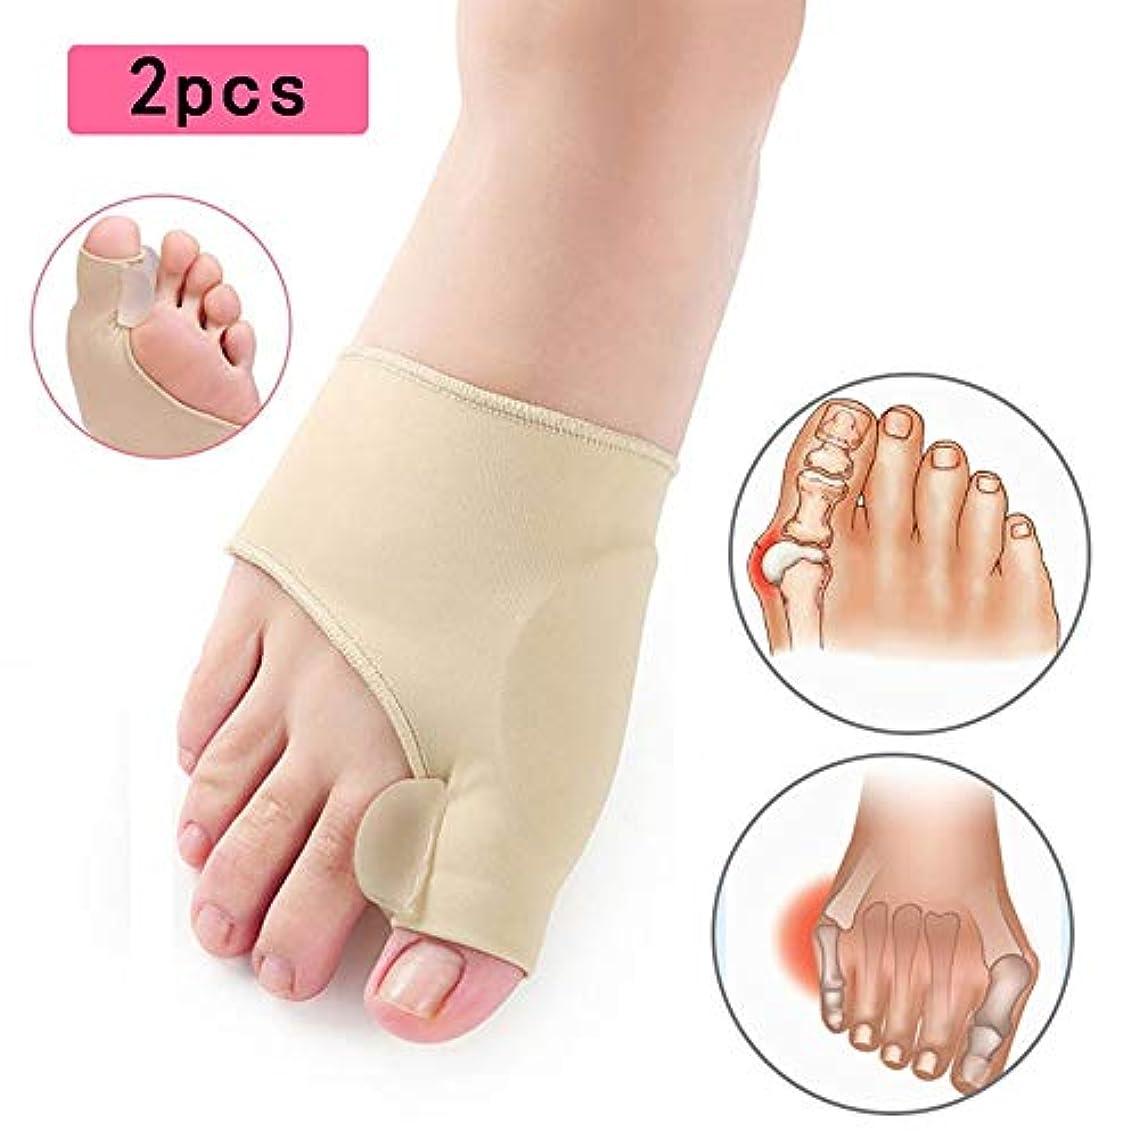 遅らせる手荷物さようなら1ペア親指外反母correct矯正大足矯正腱膜瘤パッド、ブレースクッション、ゲルパッドを内蔵、男性と女性の外反母Paの痛みを軽減(アプリコット色)